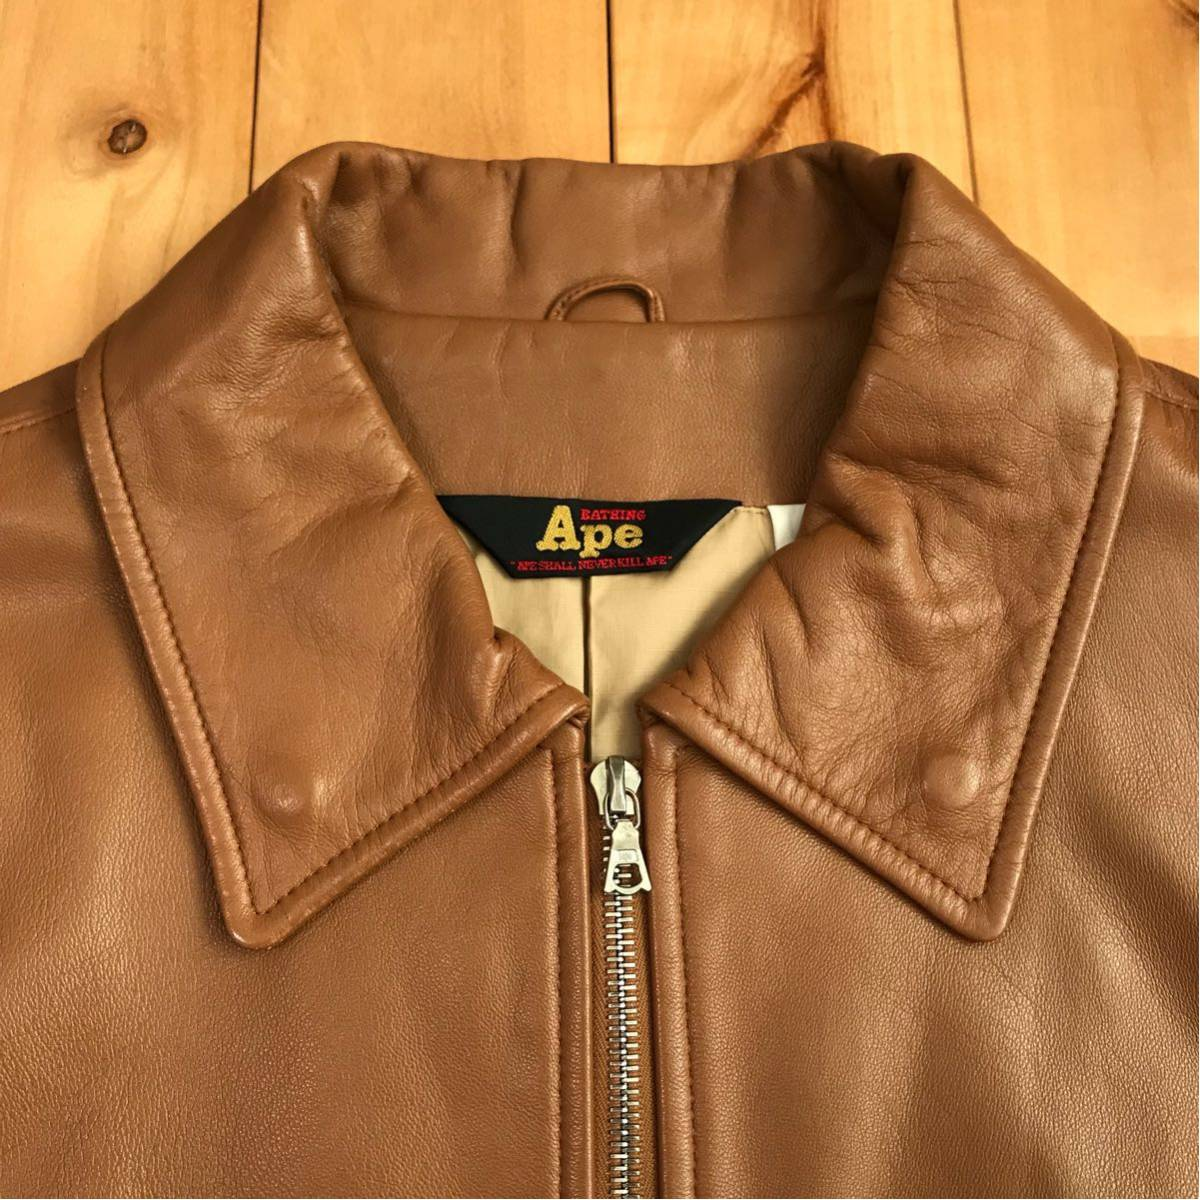 ★初期★ シープスキン ライダース ジャケット Mサイズ a bathing ape bape sheepskin leather jacket 羊革 エイプ ベイプ nigo レザー